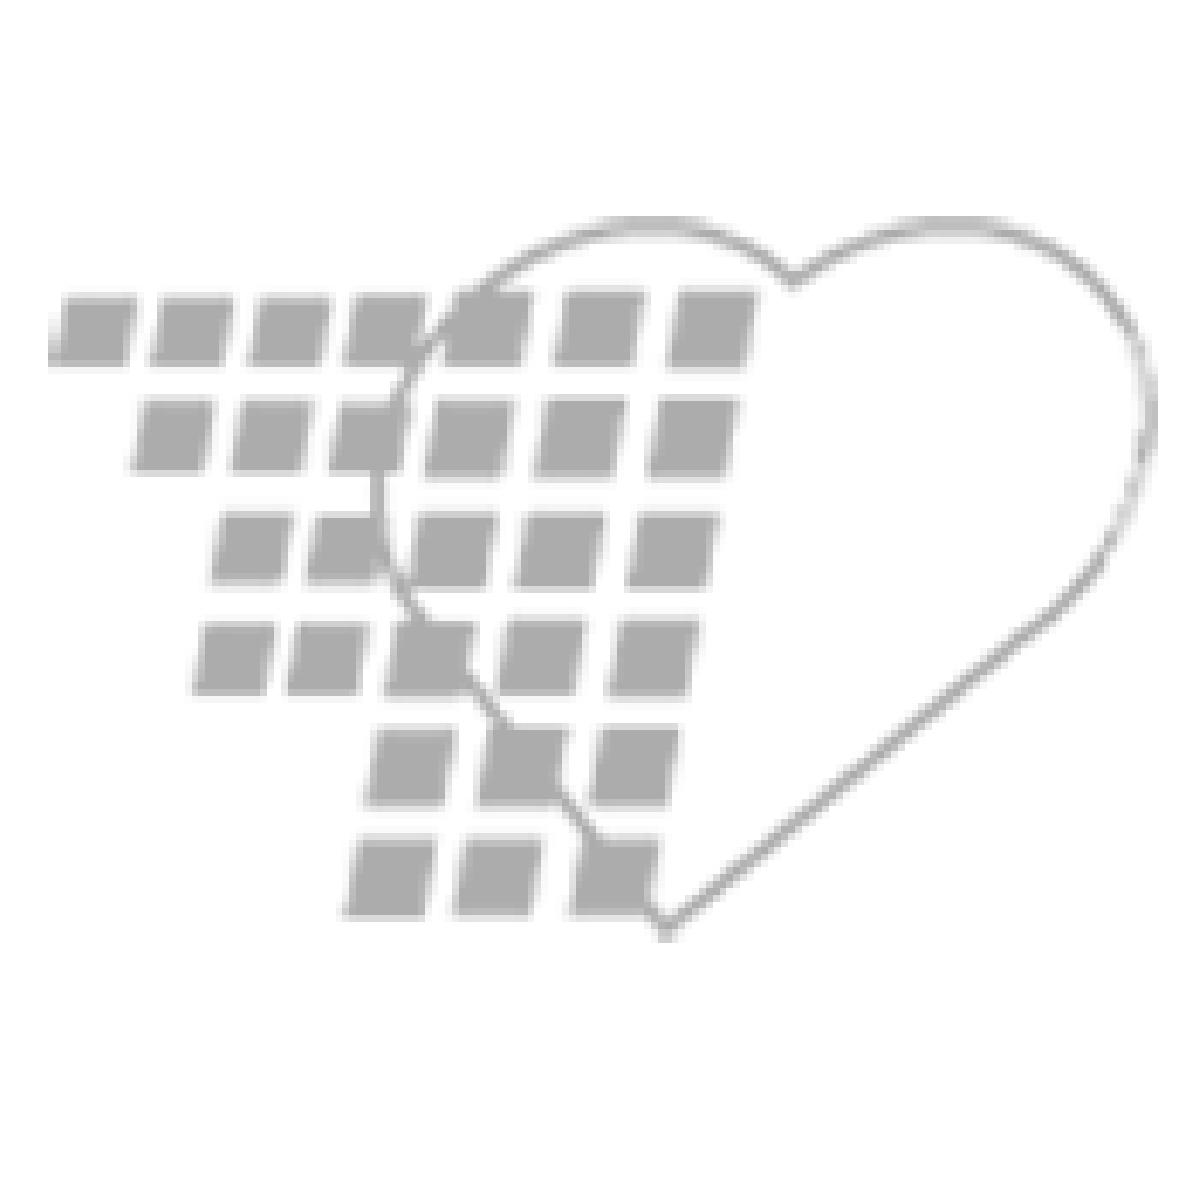 07-71-4097 Open Suction Catheter Kit 14FR 2 Gloves Latex Free